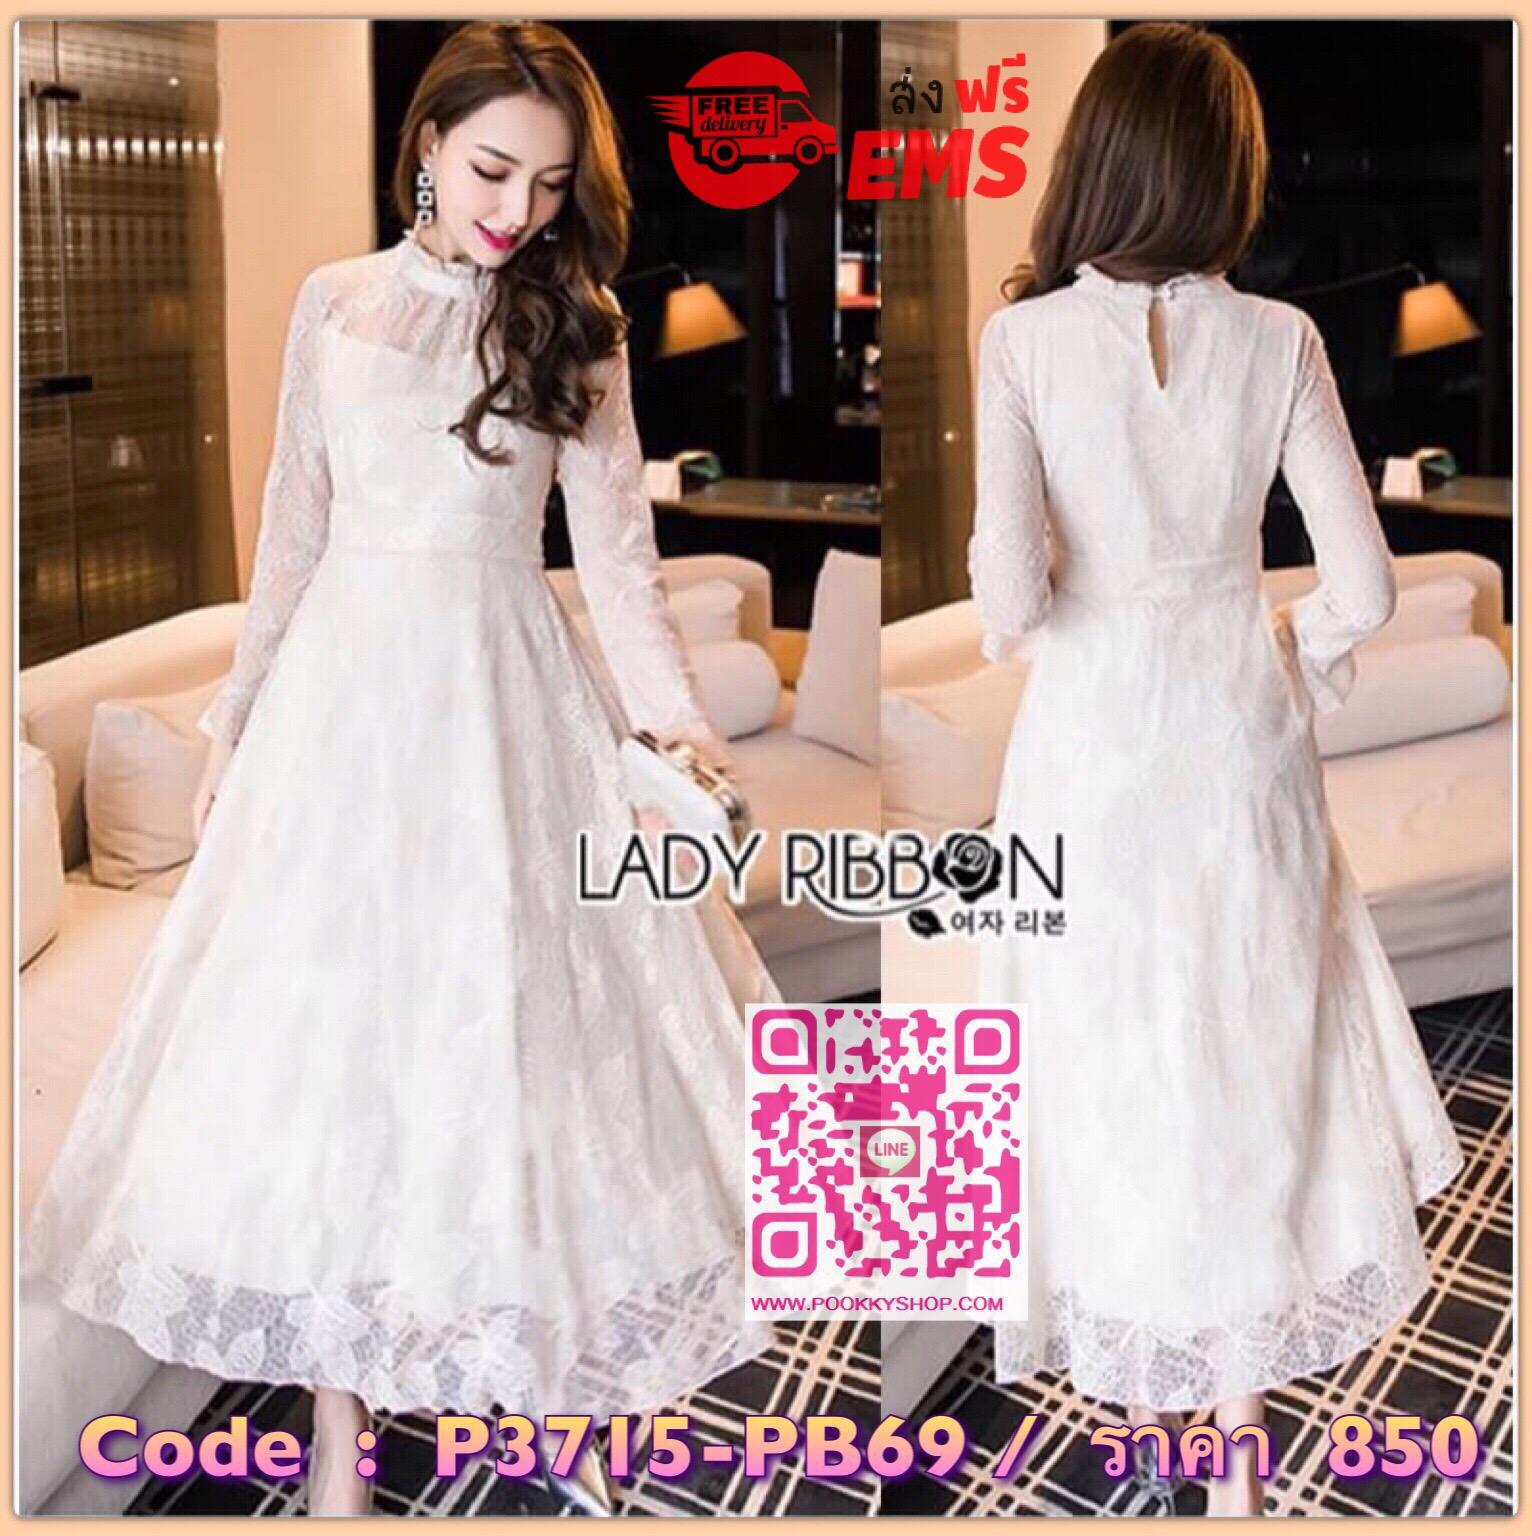 Lady Ribbon's Made Lady Pat Sweet and Classic Off-White Lace Dress เดรสผ้าลูกไม้สีออฟไวท์สไตล์คลาสสิกสุดหวาน ลุคนี้เป็นแบบคลาสสิกเก็บไว้ใส่ได้นานเลยค่ะ ไม่ตกเทรนด์แน่นอน ทรงคอเสื้อเป็นคอสูงตกแต่งระบายเล็กน้อย ตัวเดรสเป็นผ้าลูกไม้ทอลายใบไม้เก๋ๆโทนสีขา